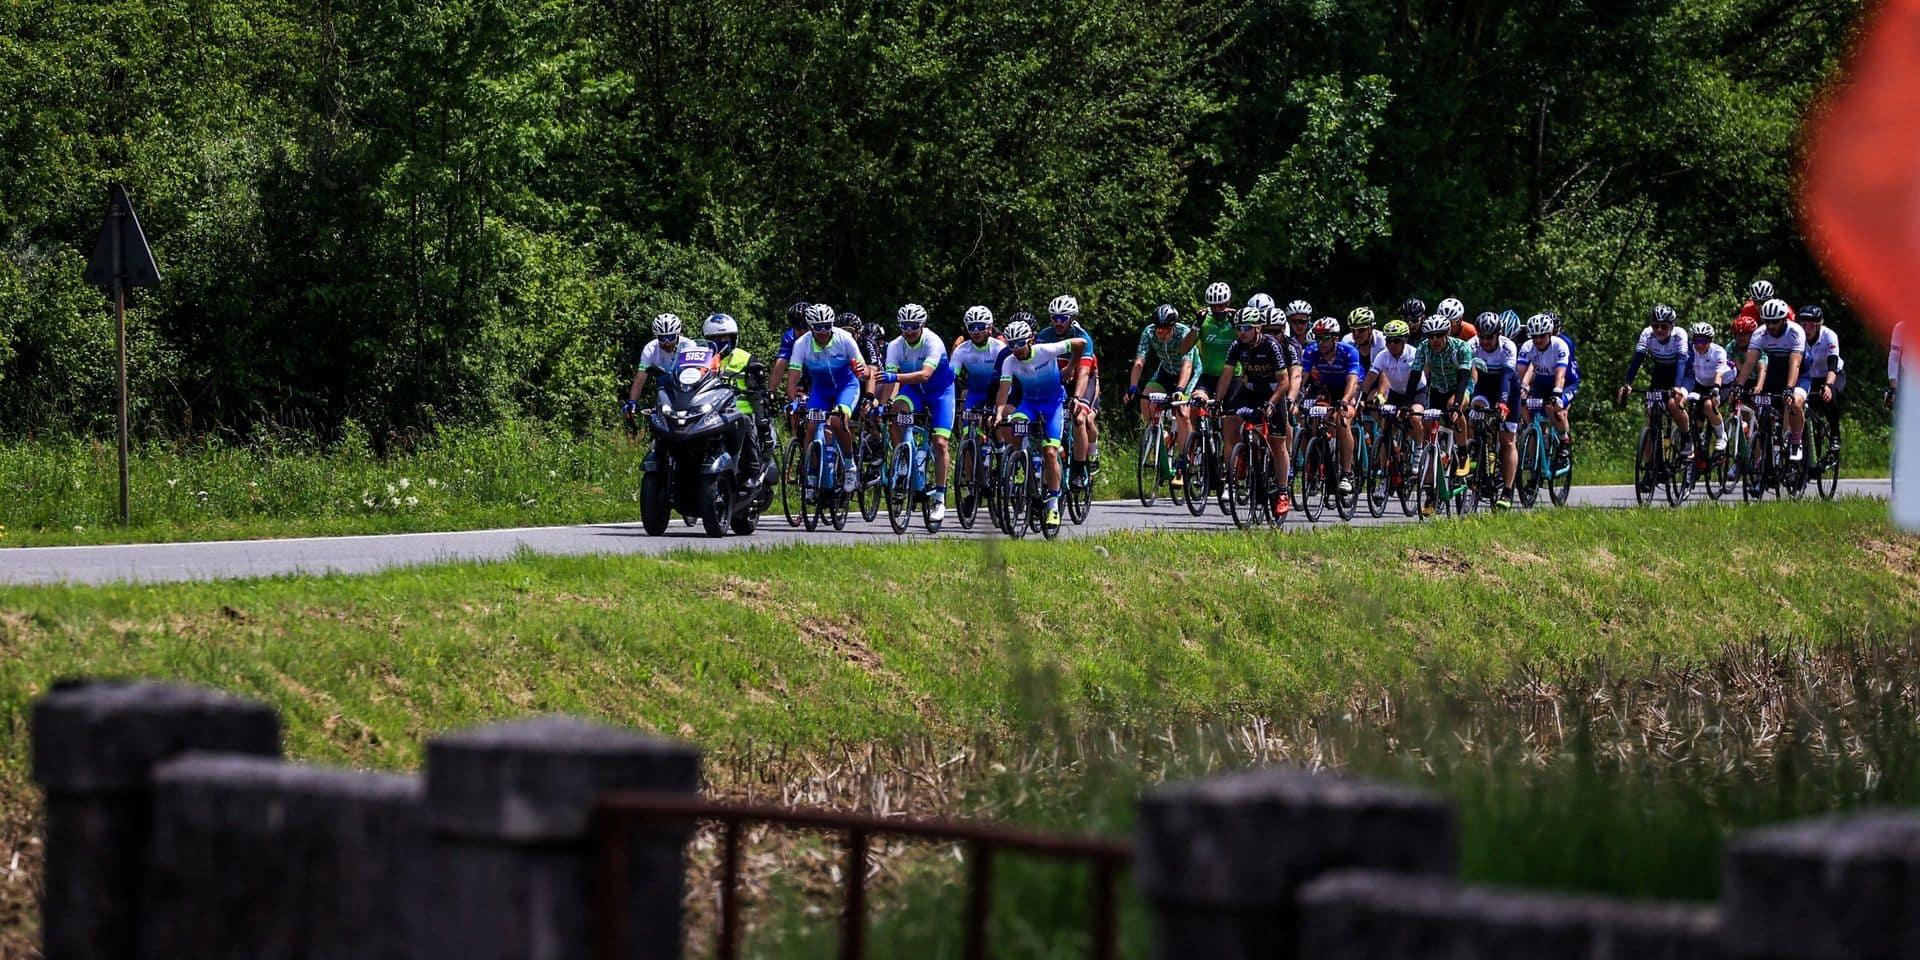 Giro : l'étape du jour raccourcie en raison du mauvais temps